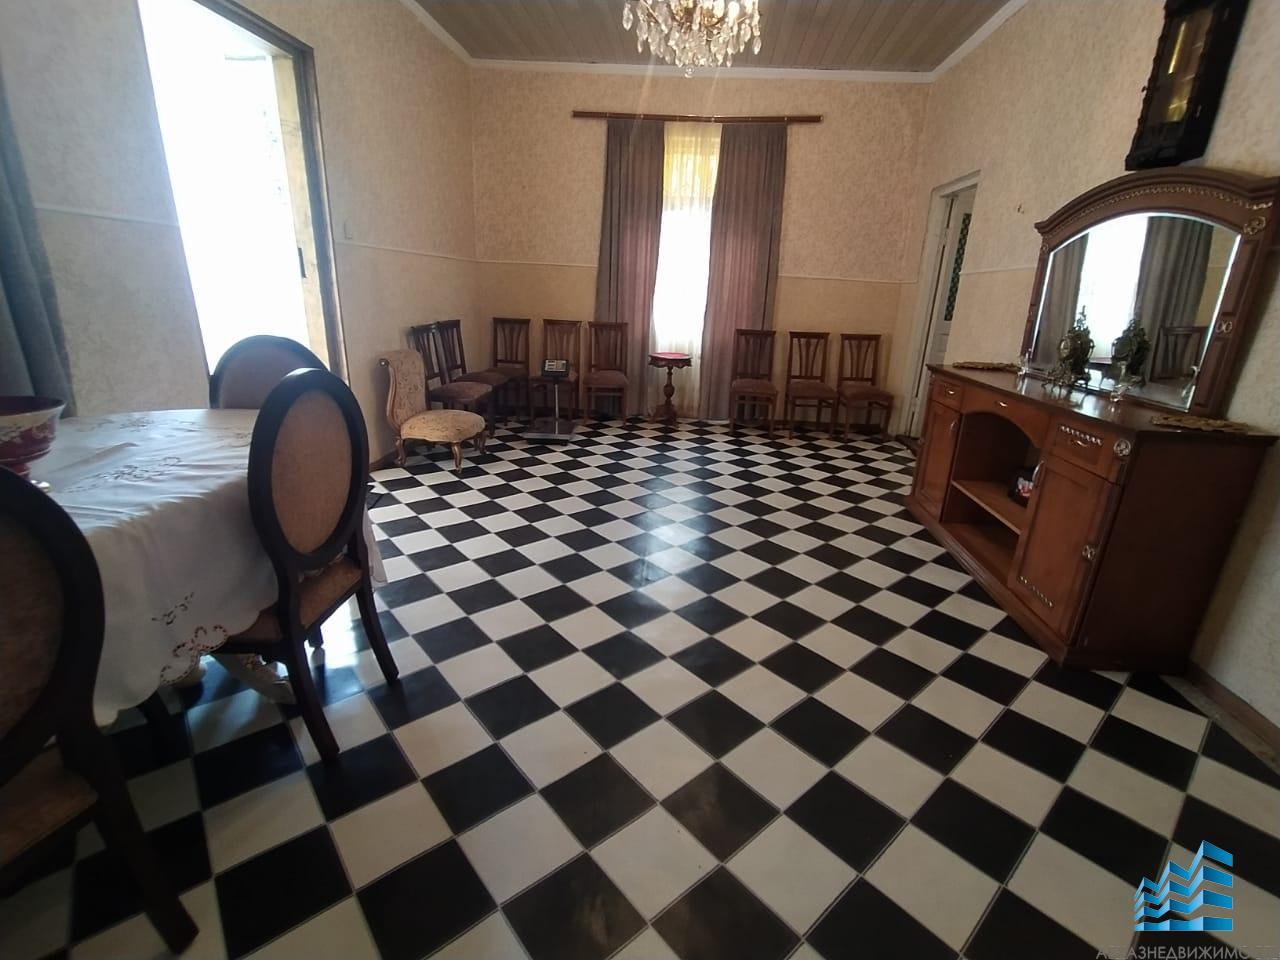 Часть дома в аренду за 15 тыс.руб